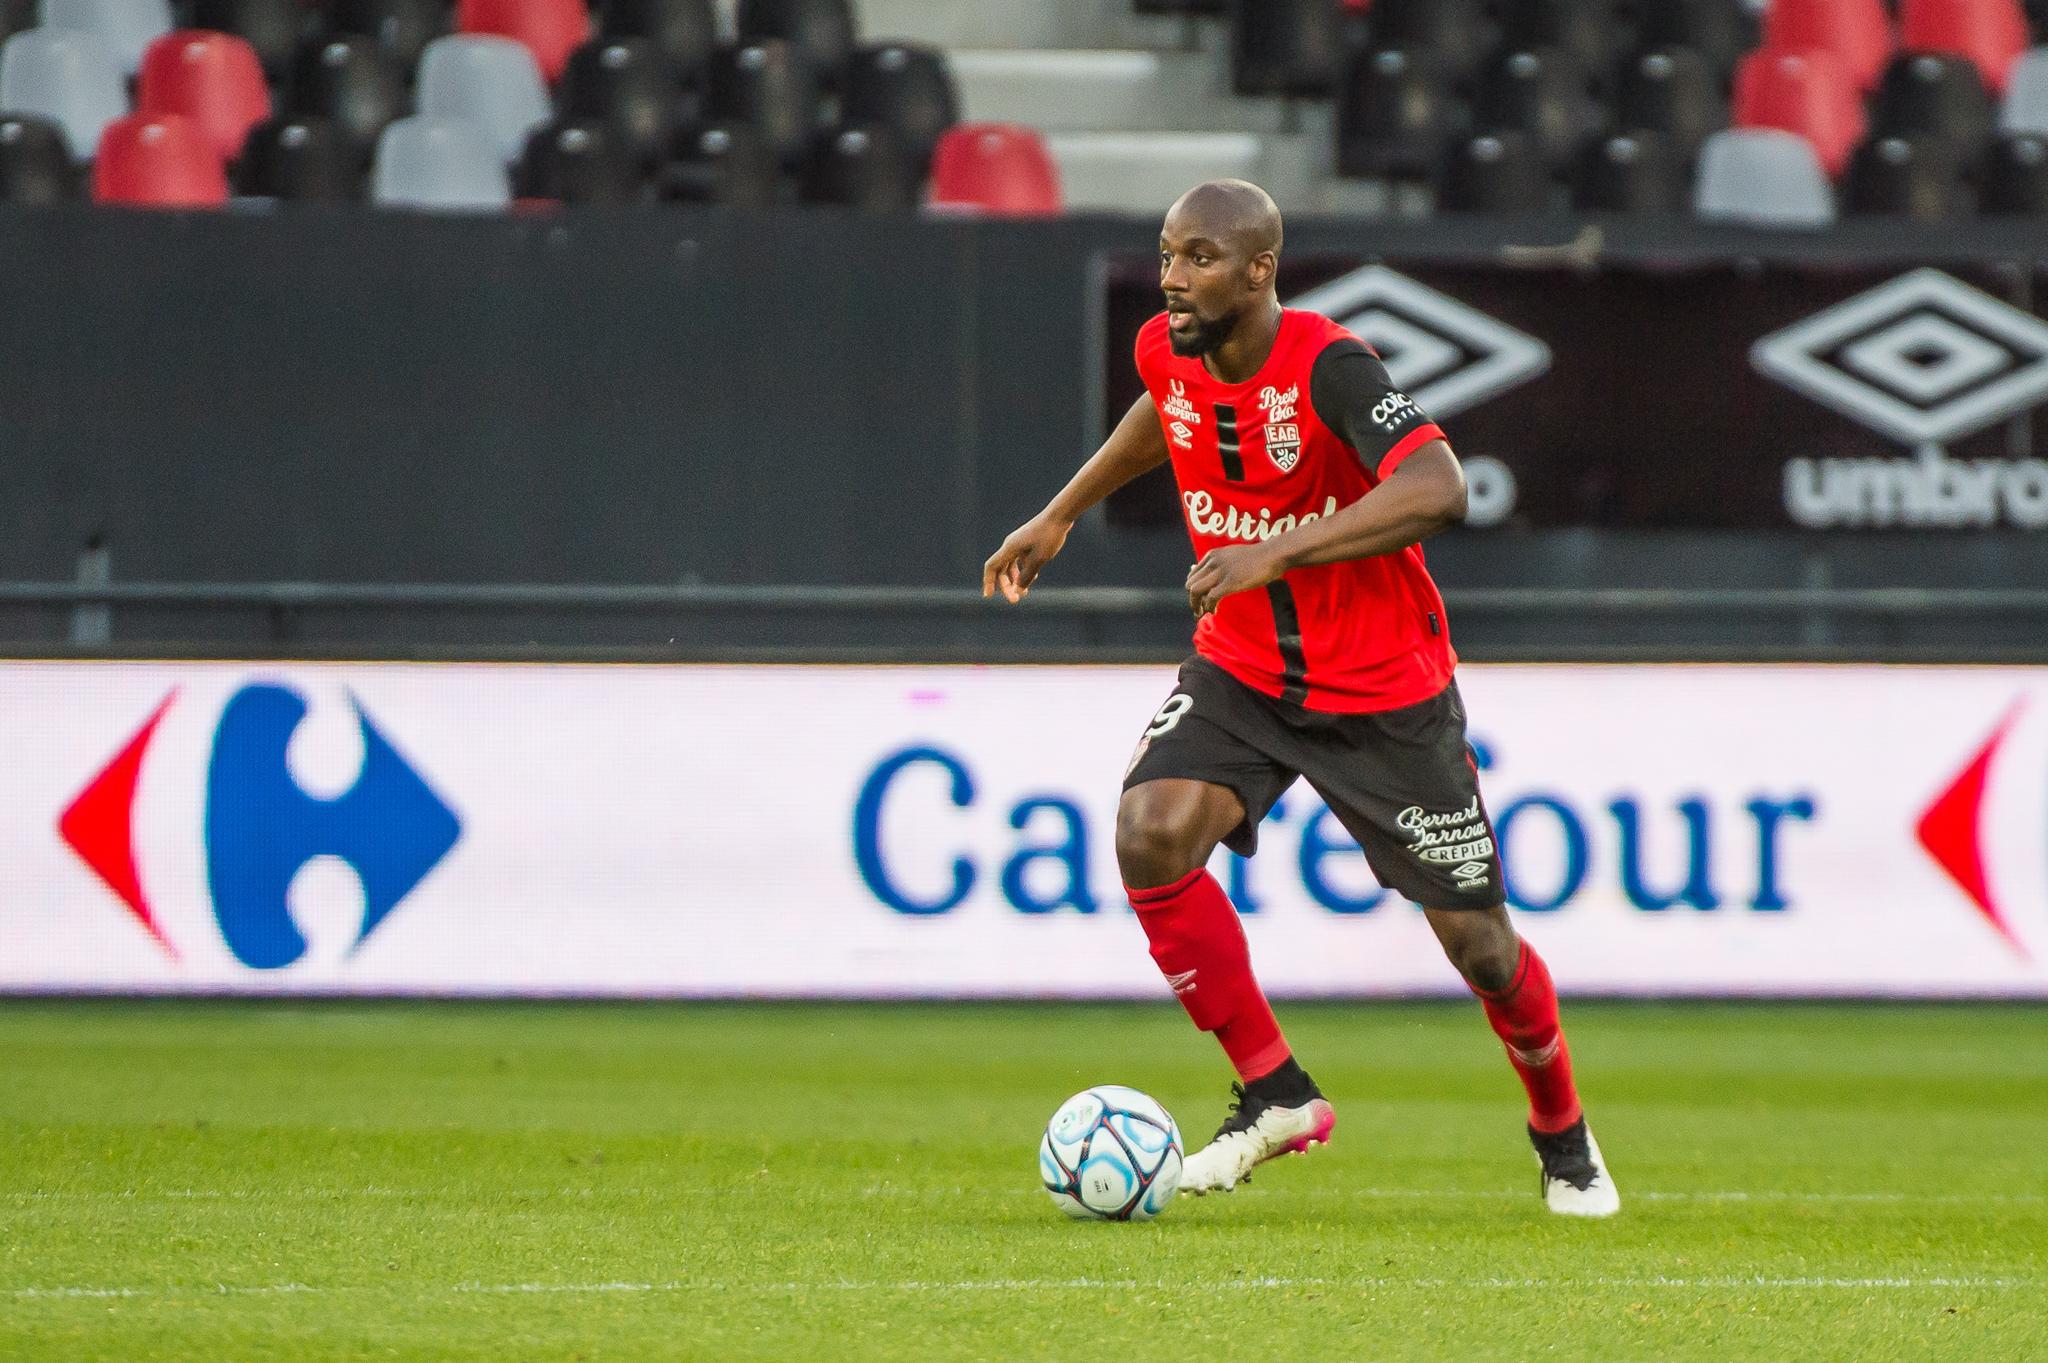 EA Guingamp La Berrichonne Châteauroux J37 Ligue 2 BKT EAGLBC 2-0 Stade de Roudourou FRA_5596